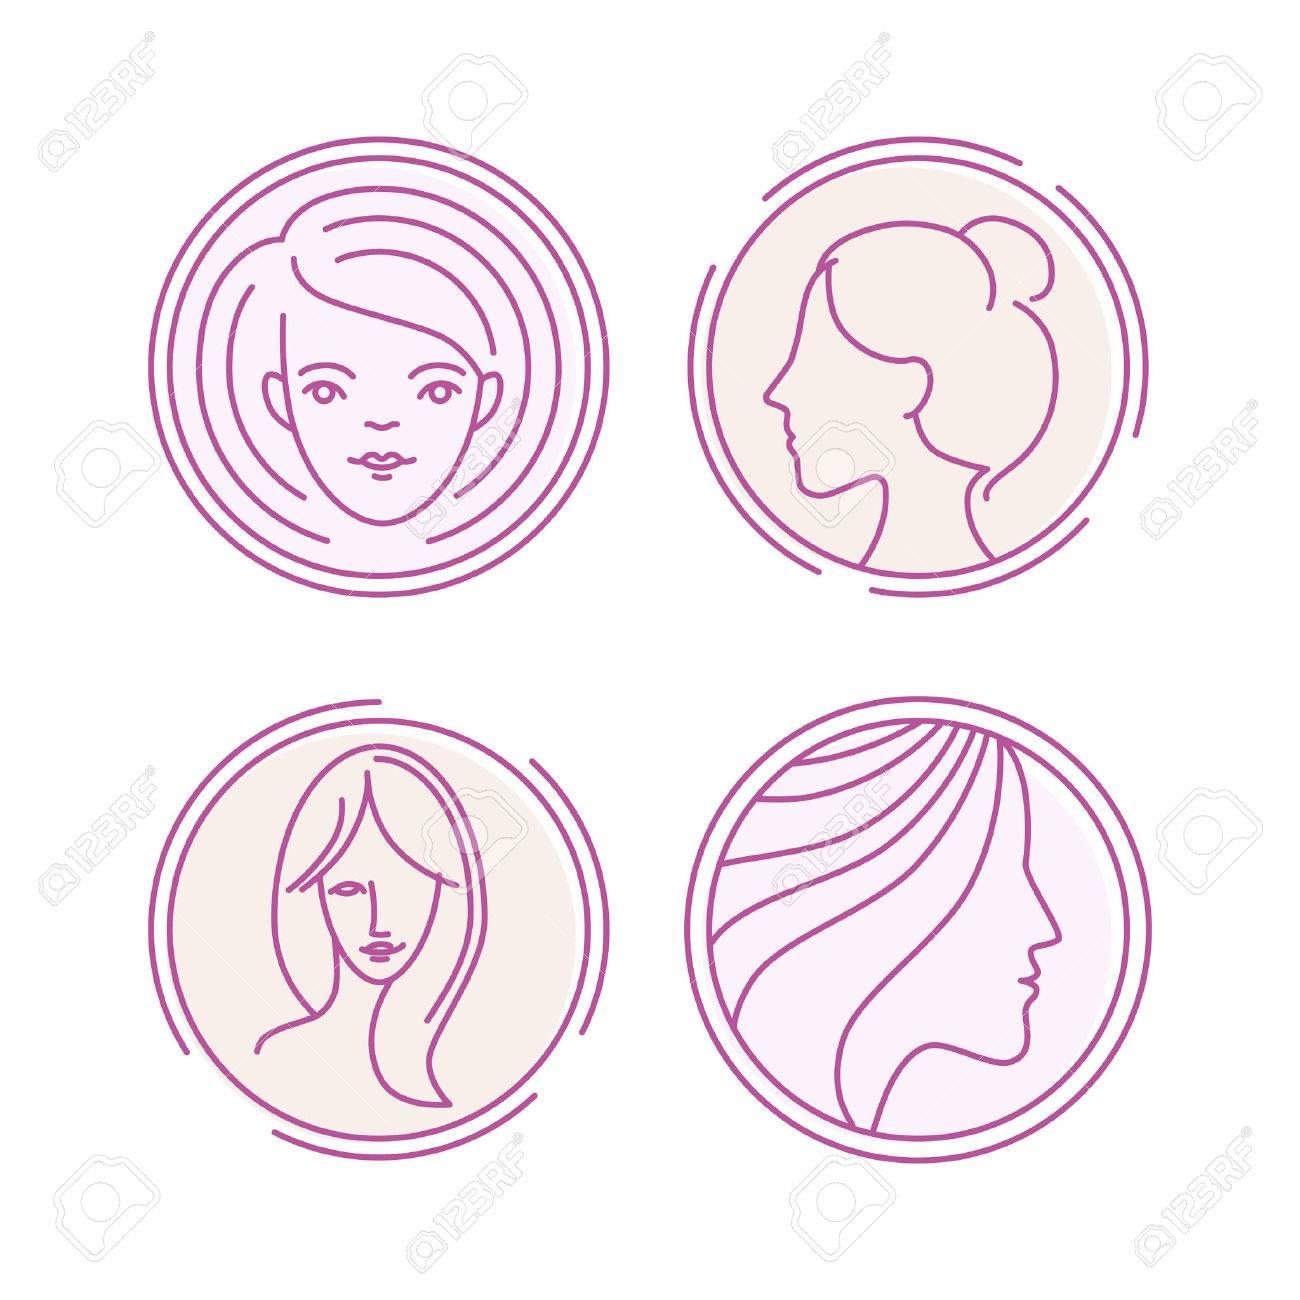 Vector Weibliche Gesichter - Konzept Abbildungen In Linearen Stil ...